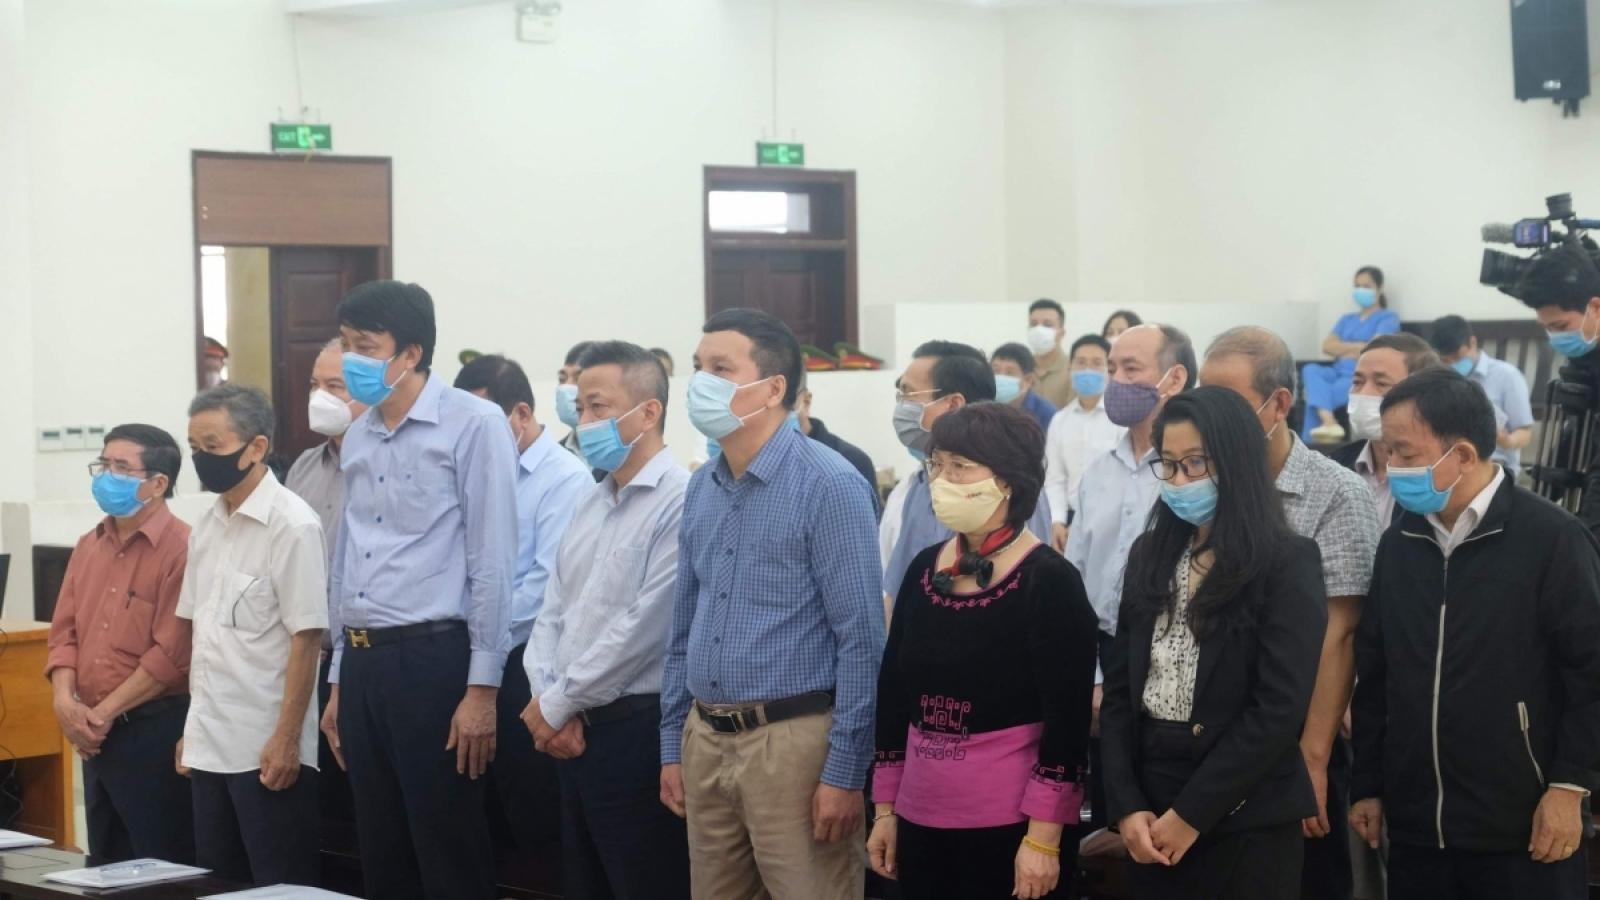 Nóng 24h: Đại án Gang thép Thái Nguyên và lời khai về các cựu quan chức